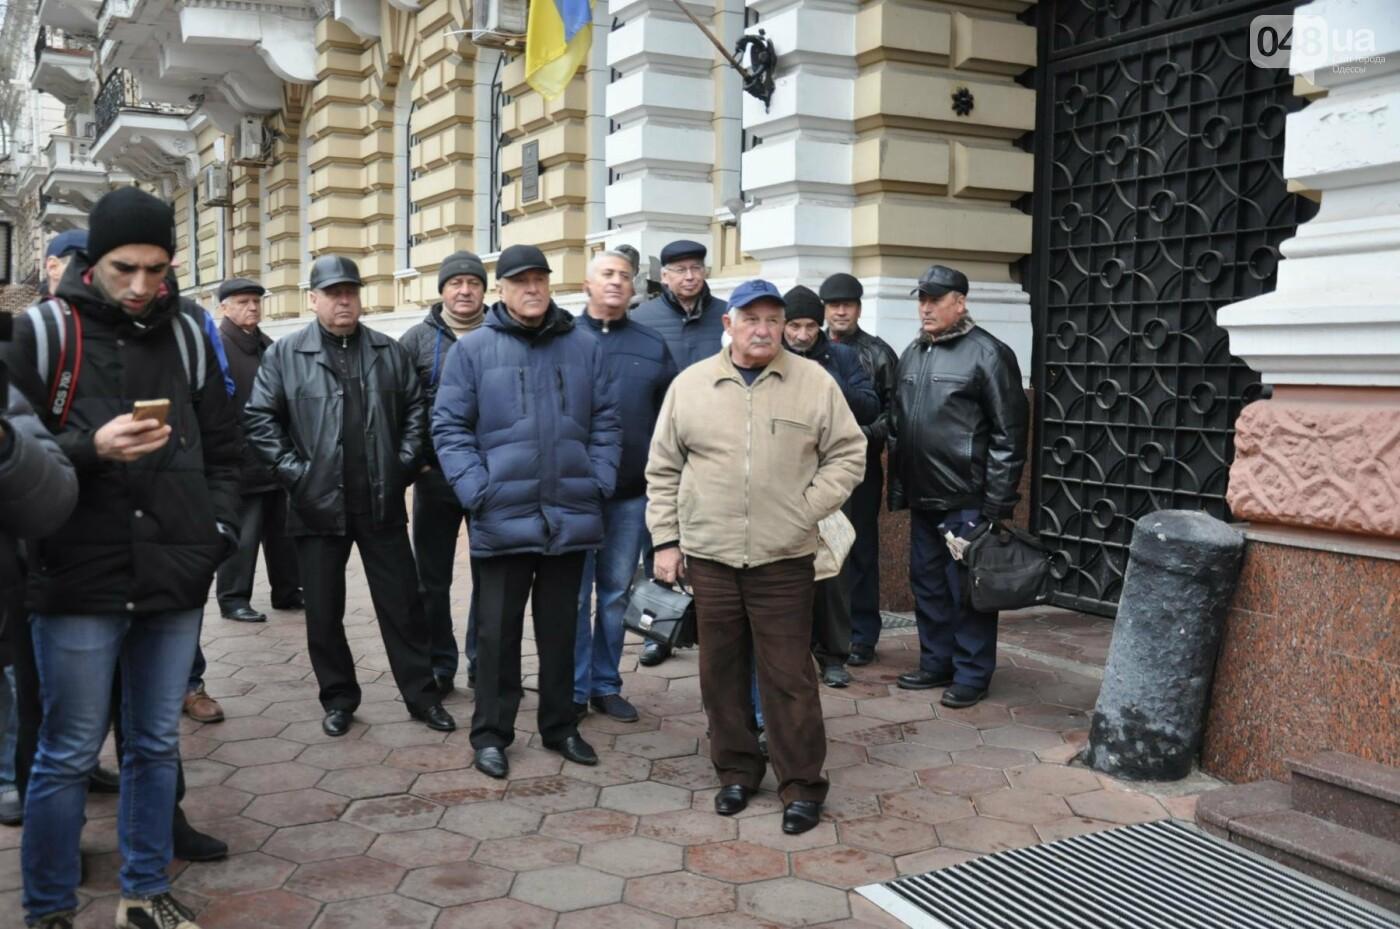 Престарелые провокаторы пытались сорвать акцию против беззакония в Одессе (ФОТО), фото-1